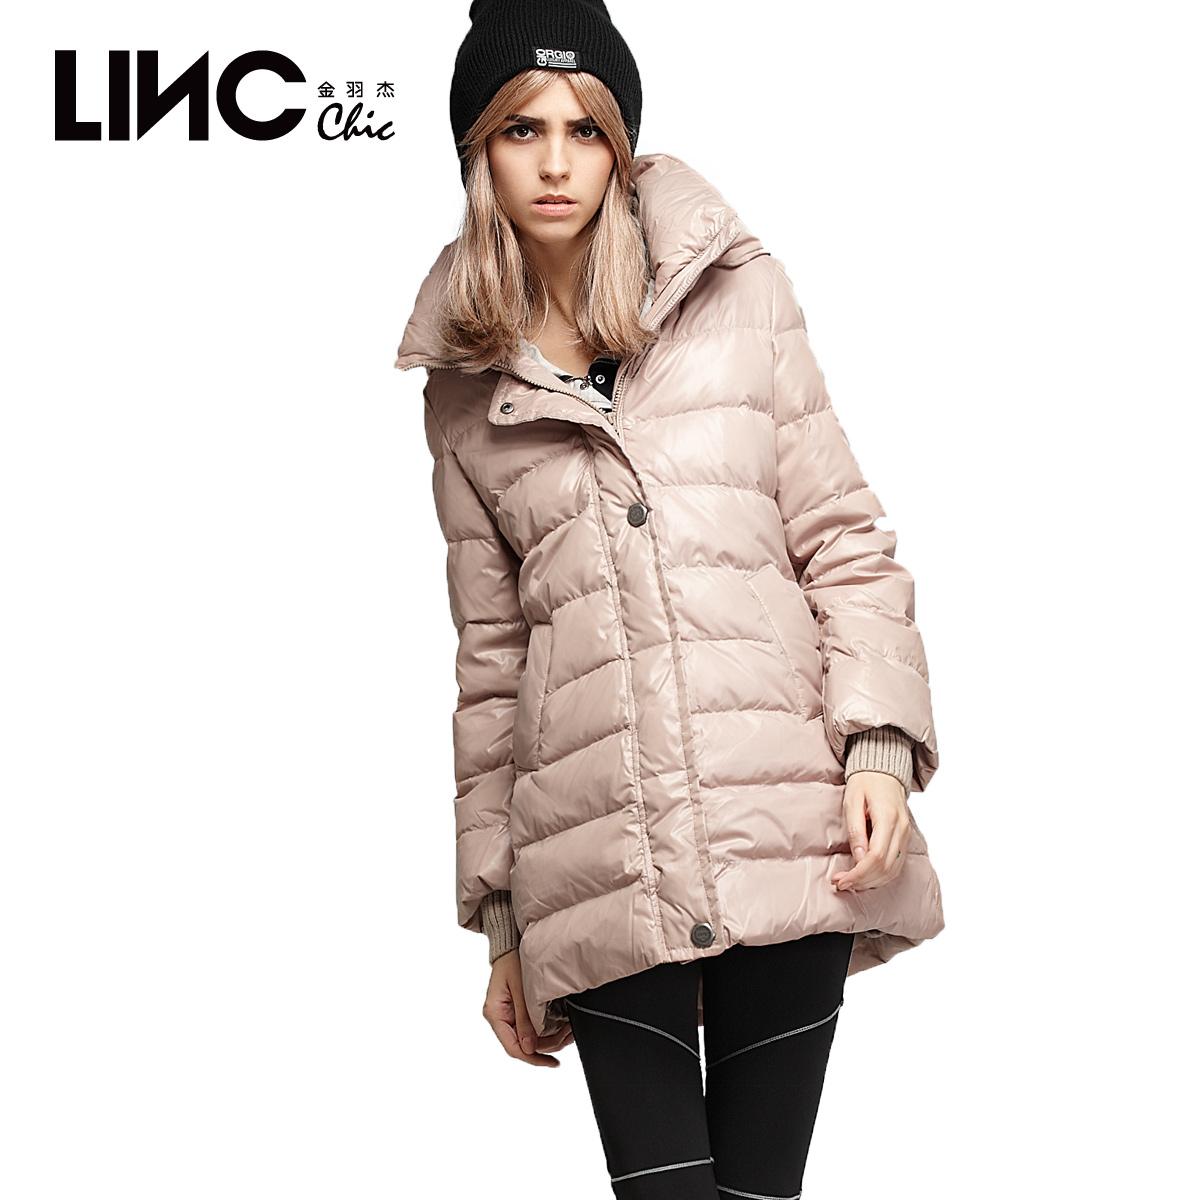 金羽杰2014韩版羽绒服 女冬装中长款 A字斗篷型羽绒外套加厚68561